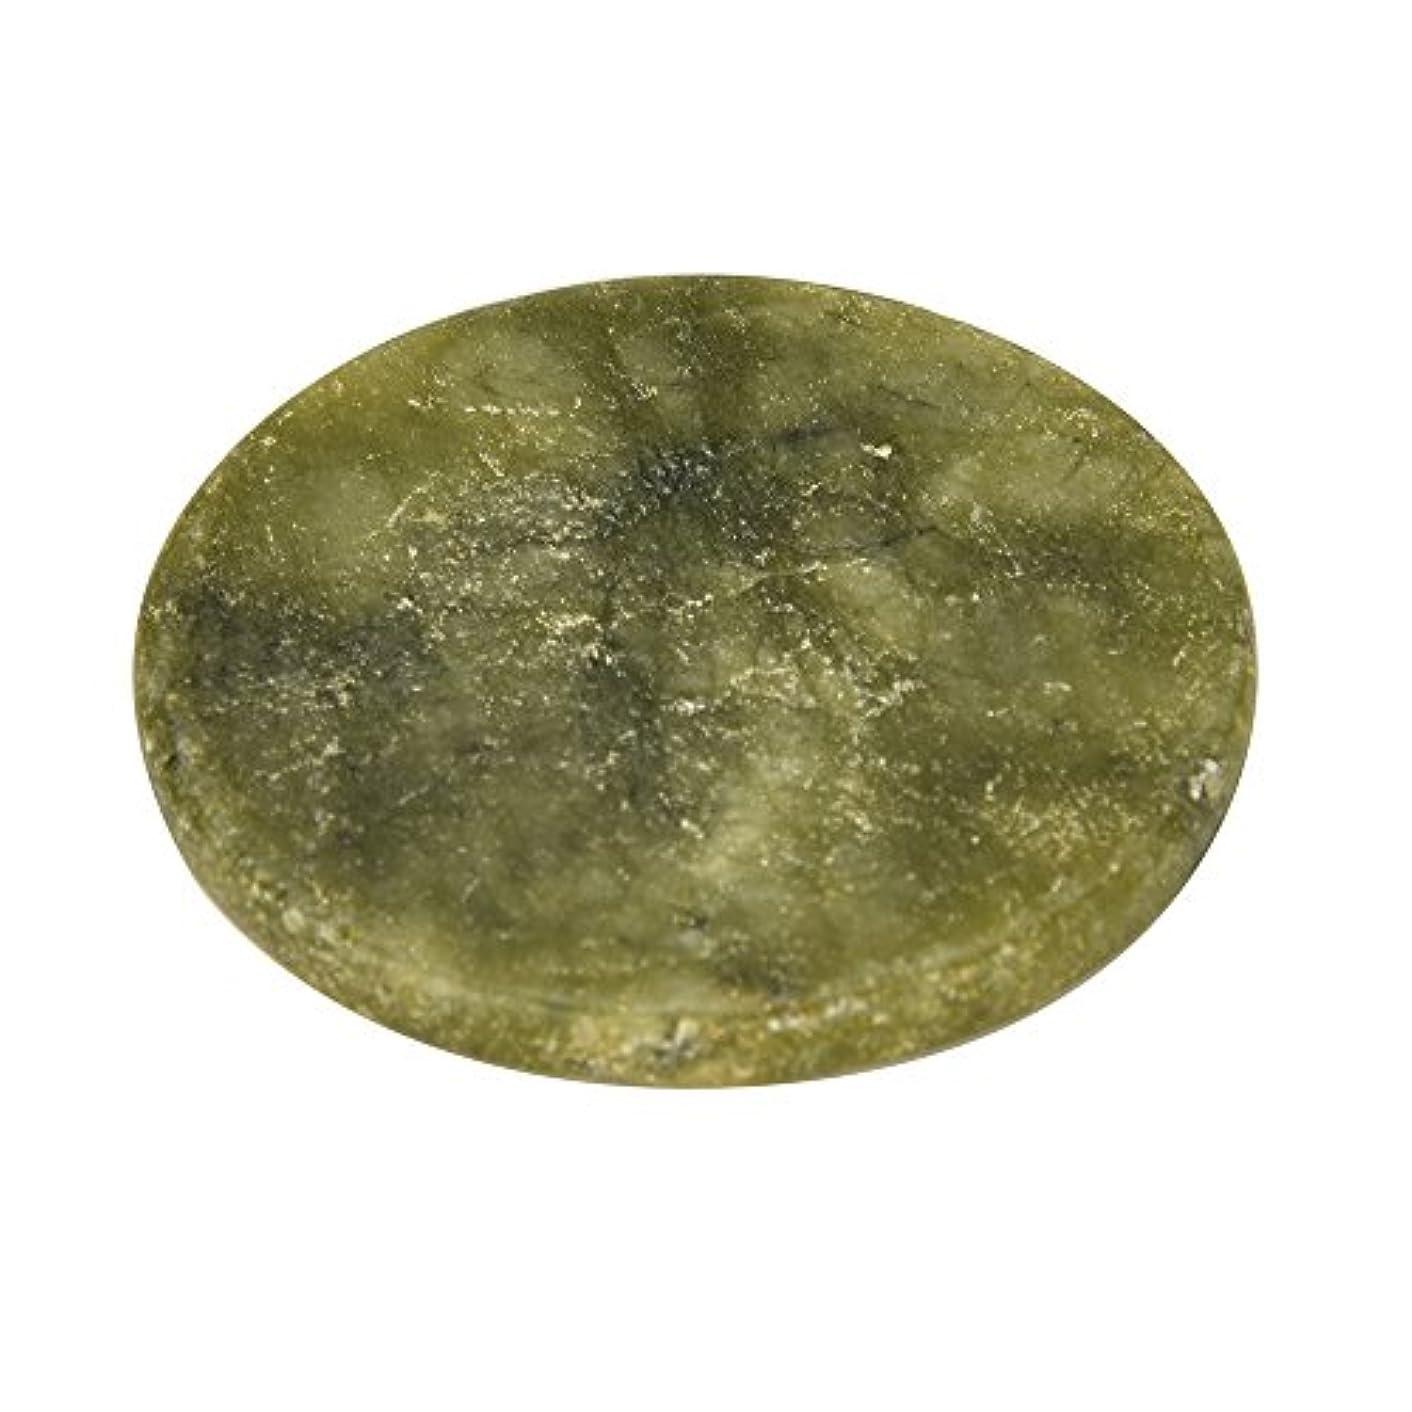 白菜バスルーム時期尚早自然な玉石の再使用可能なまつげパッドパレット立場??は緩い延長をします